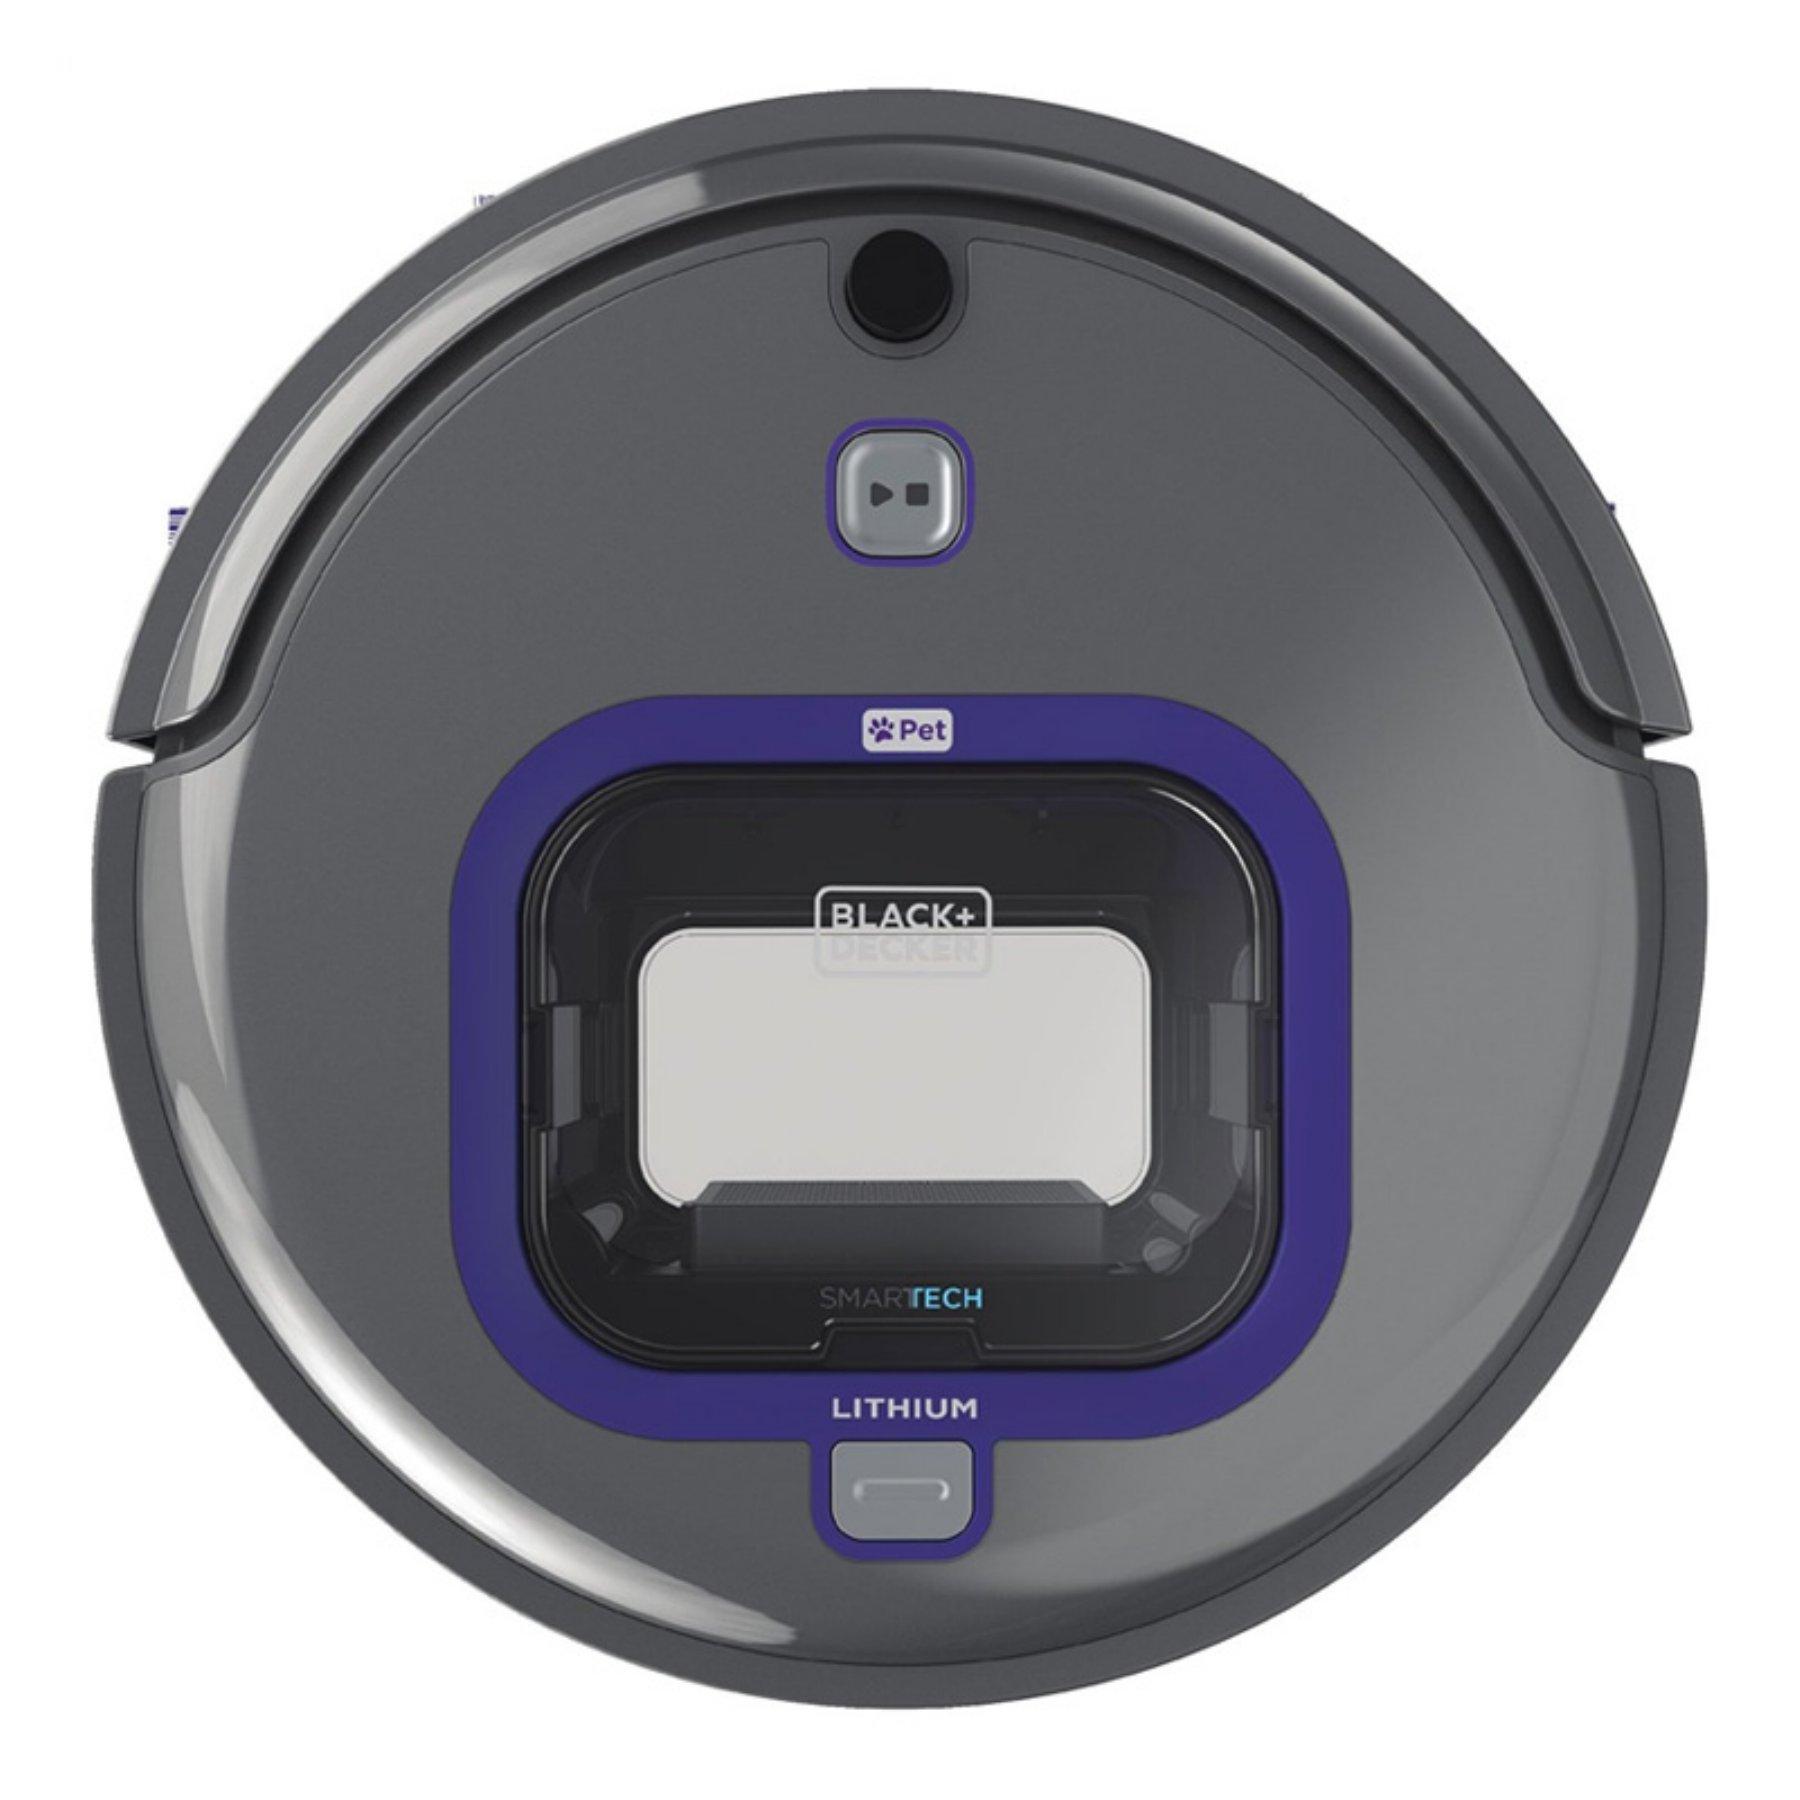 Black & Decker HRV420BP07 Pet Lithium Robotic Vacuum with